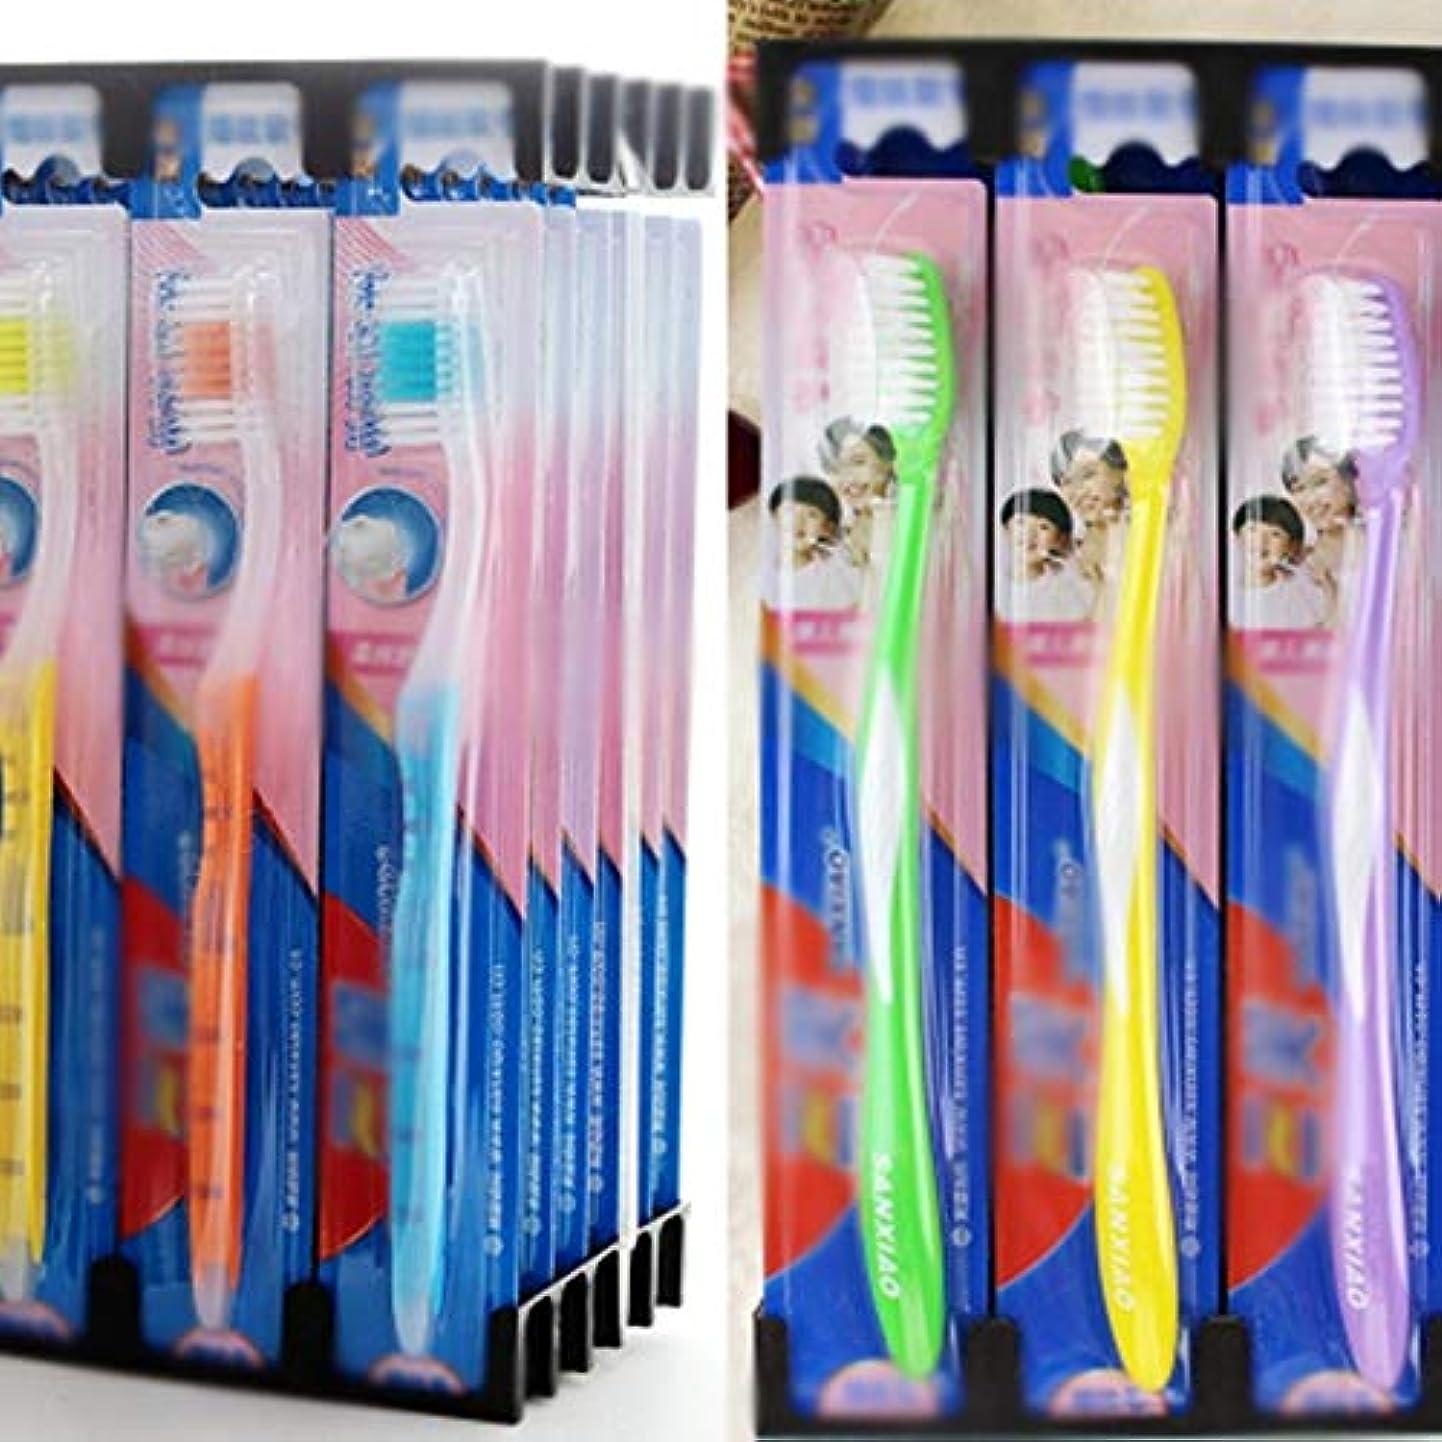 契約するスクワイア徒歩で歯ブラシ 30パック歯ブラシ、混血歯ブラシ、ファミリーパック歯ブラシ - 使用可能なスタイルの3種類 KHL (色 : B, サイズ : 30 packs)